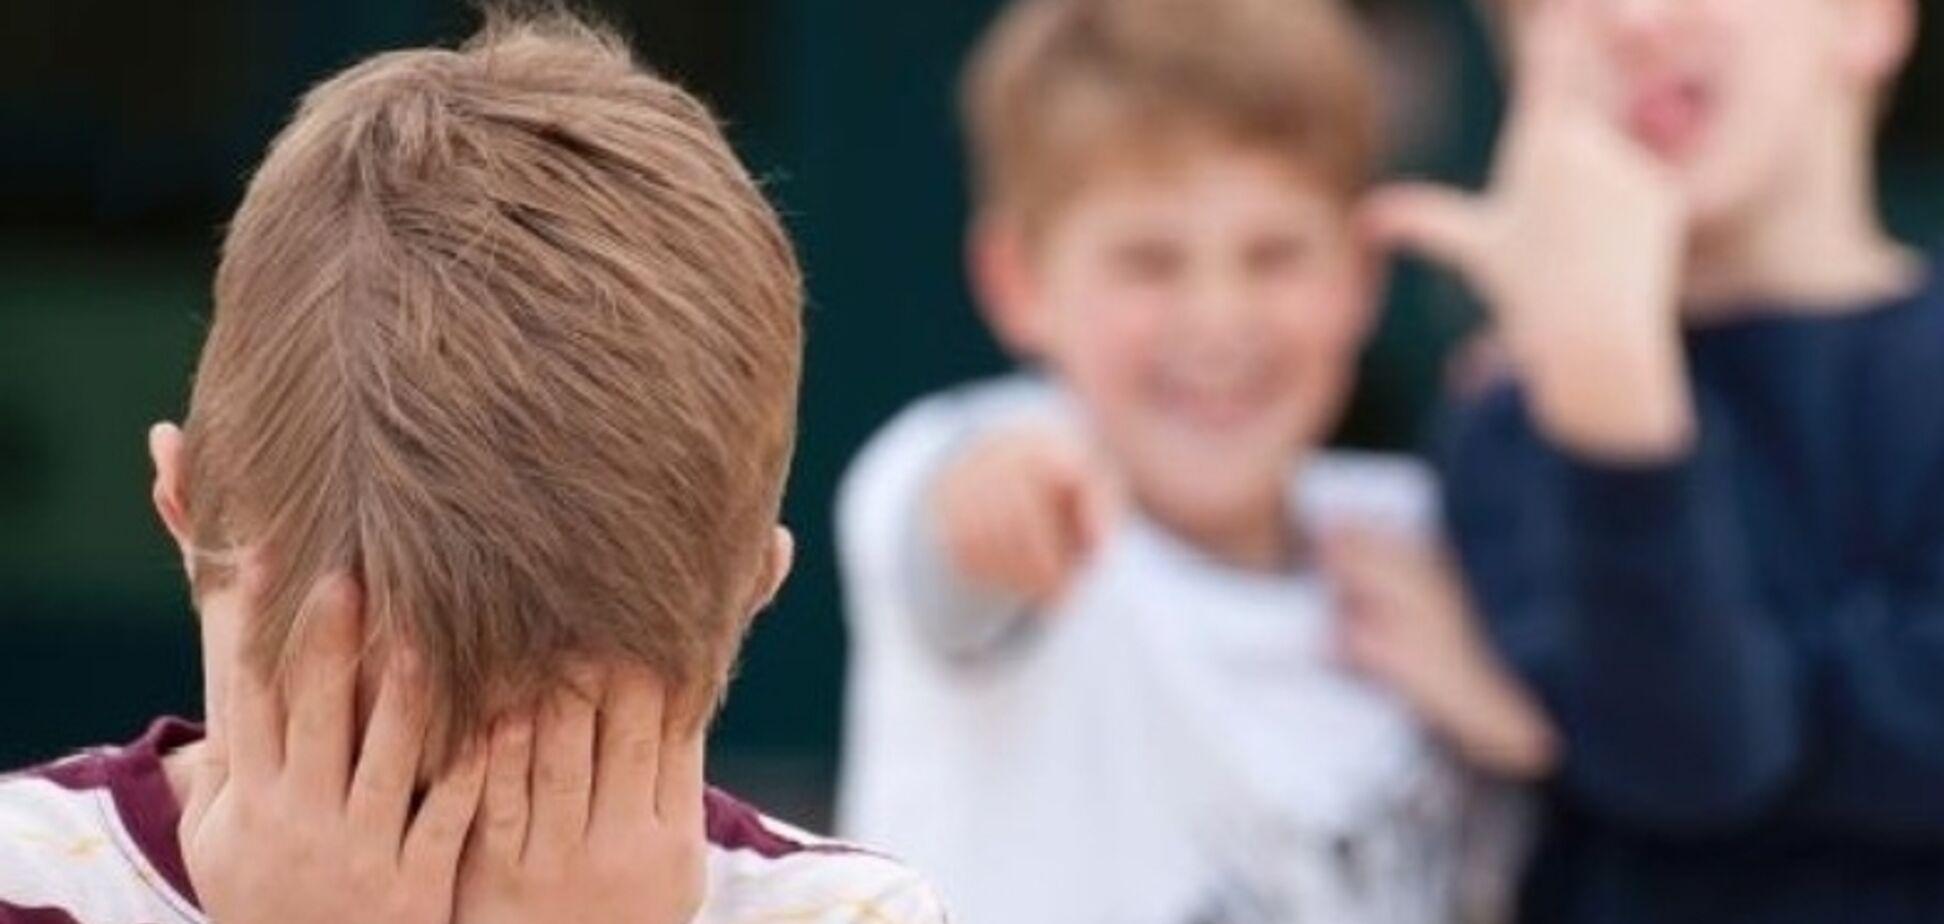 В Одеській області школяра 'згвалтували' однолітки